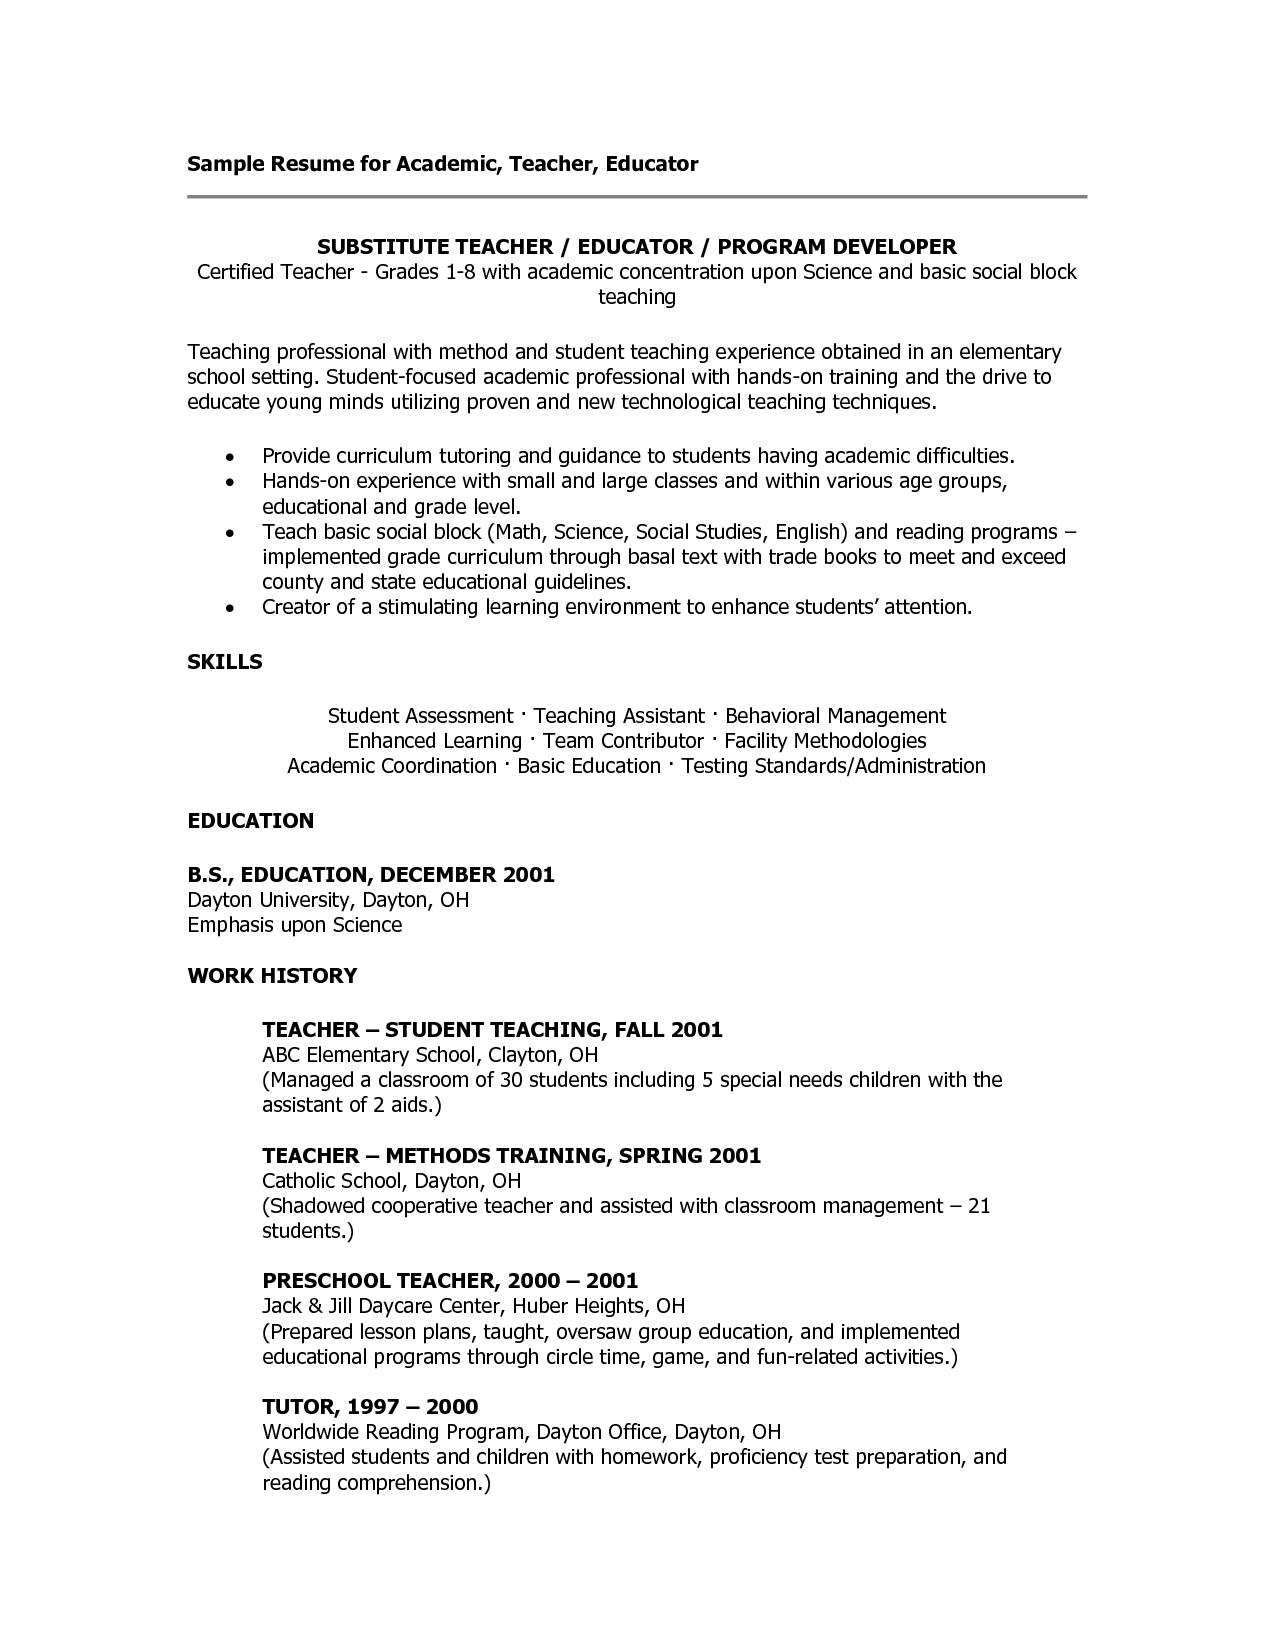 Sample Teacher Resumes | Substitute Teacher Resume